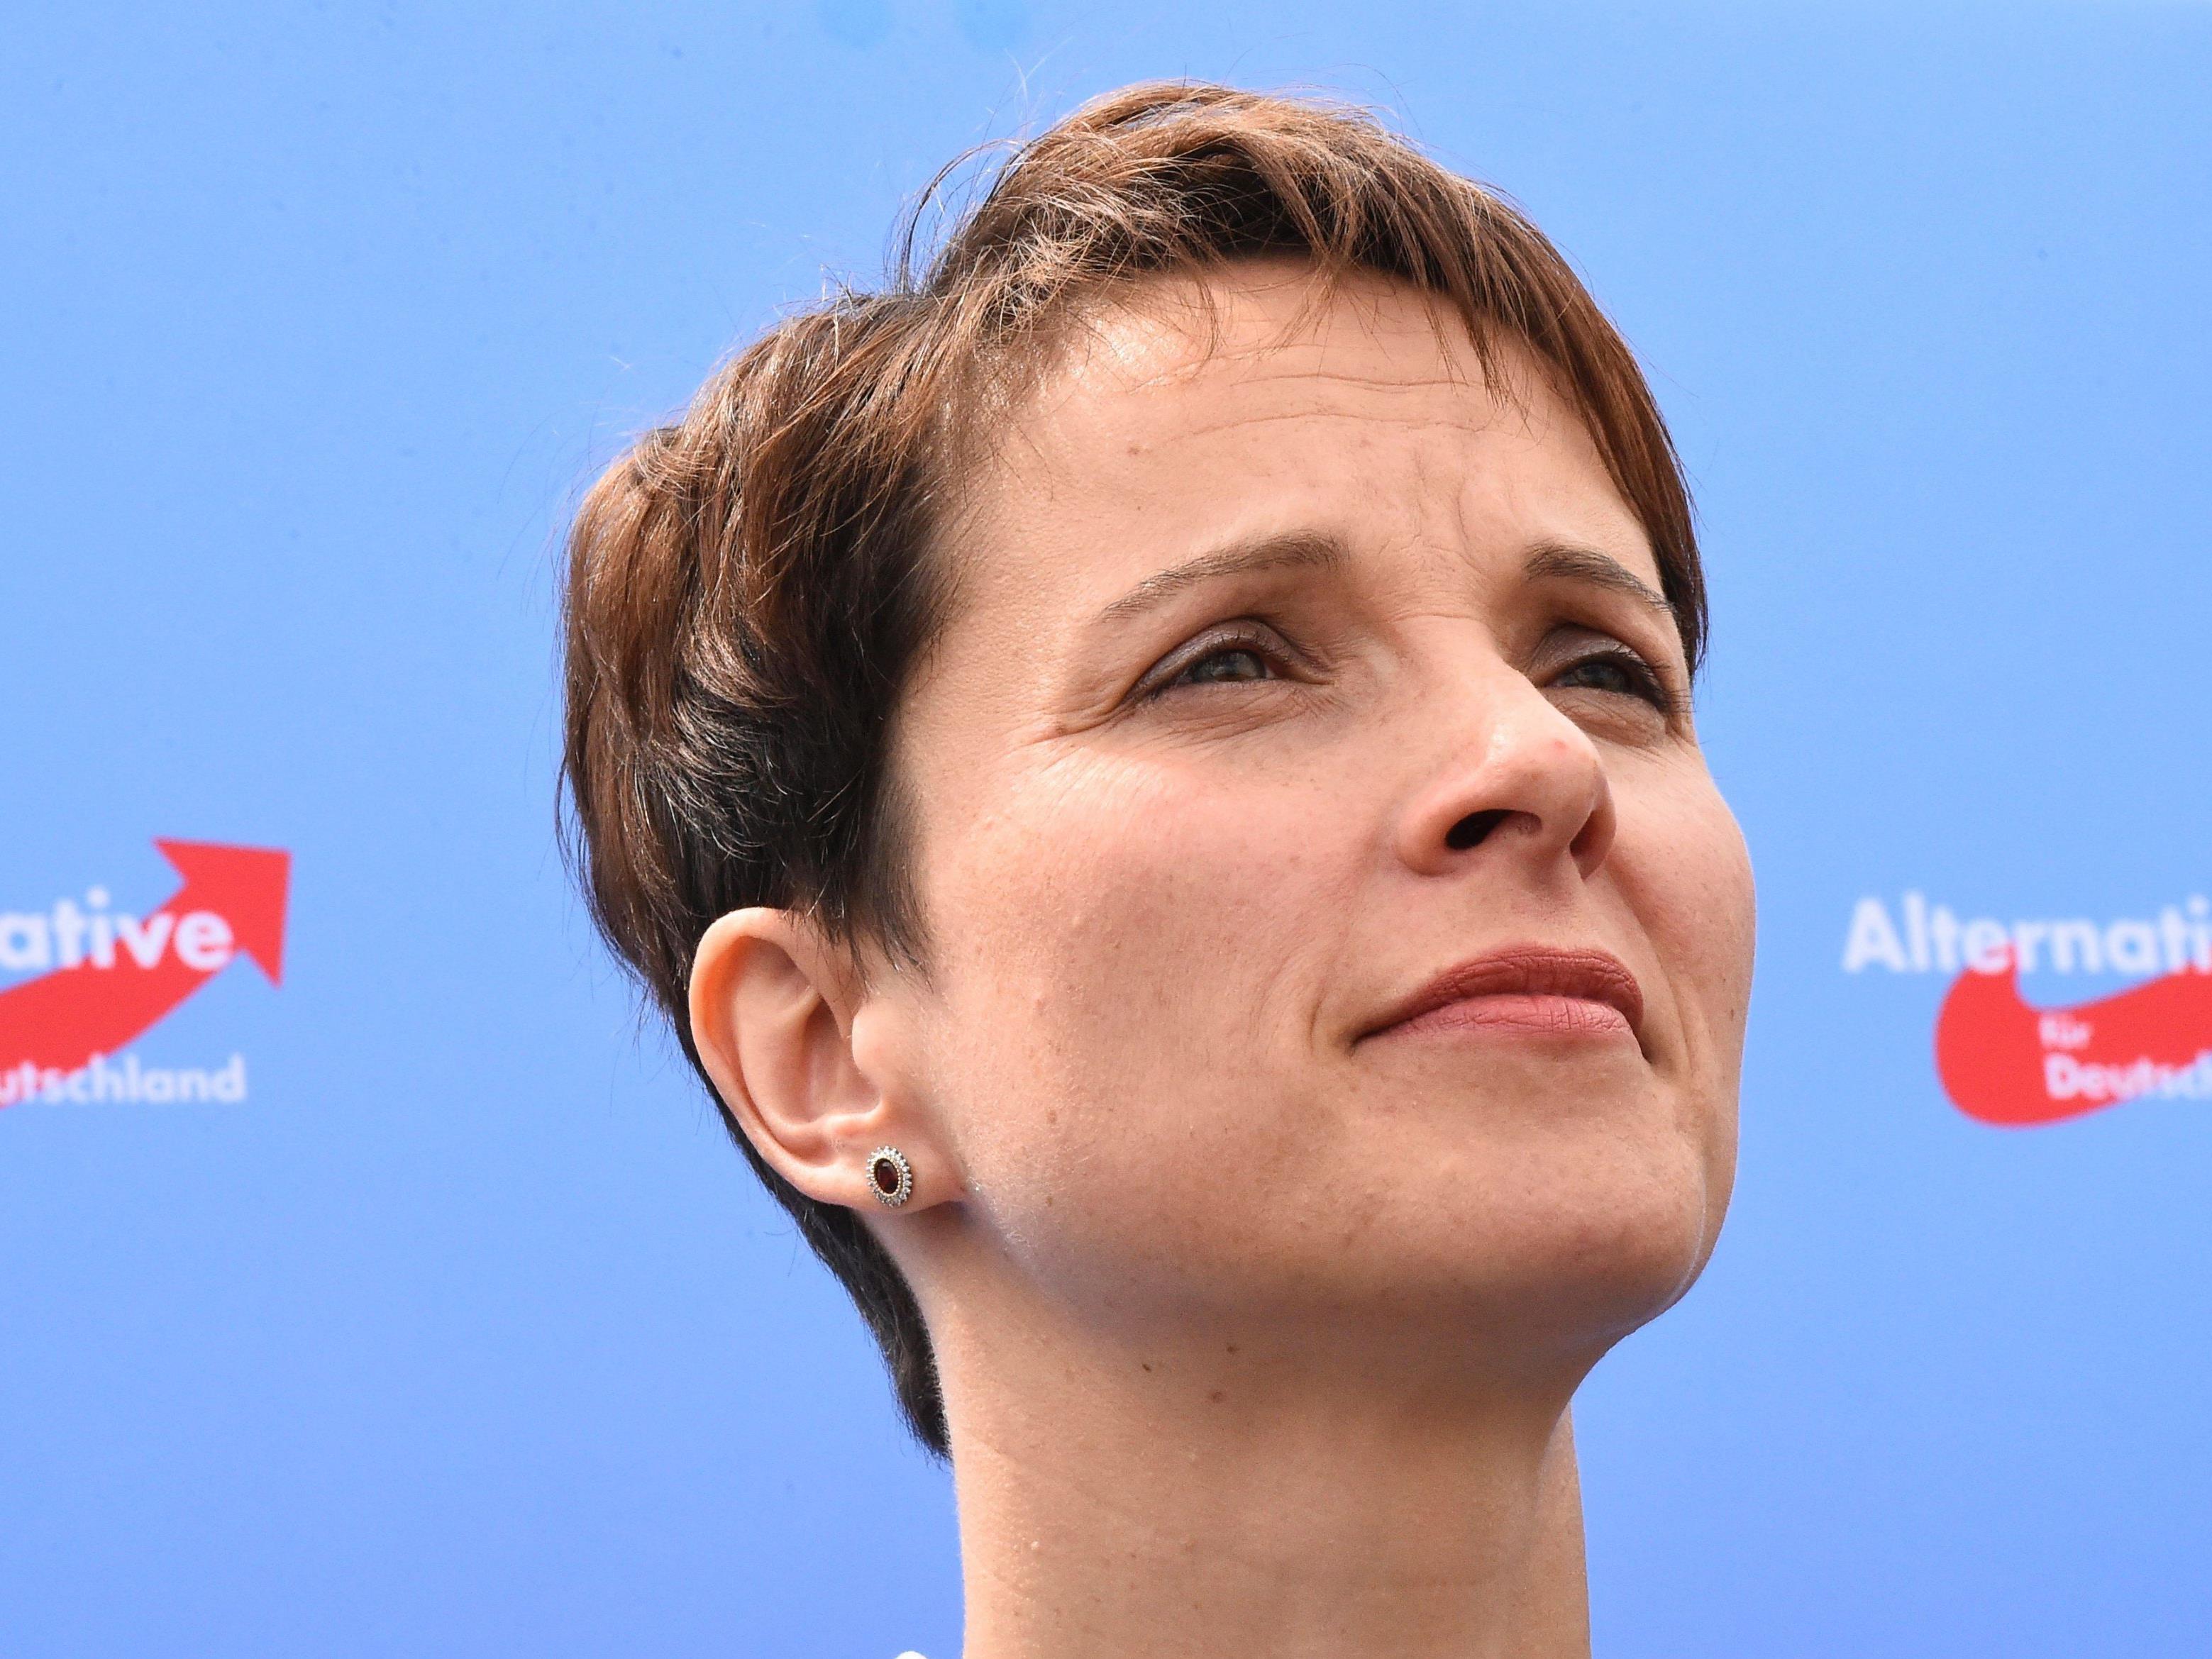 Die AfD-Vorsitzende Frauke Petry fordert Grenzschutz mit allen Mitteln.